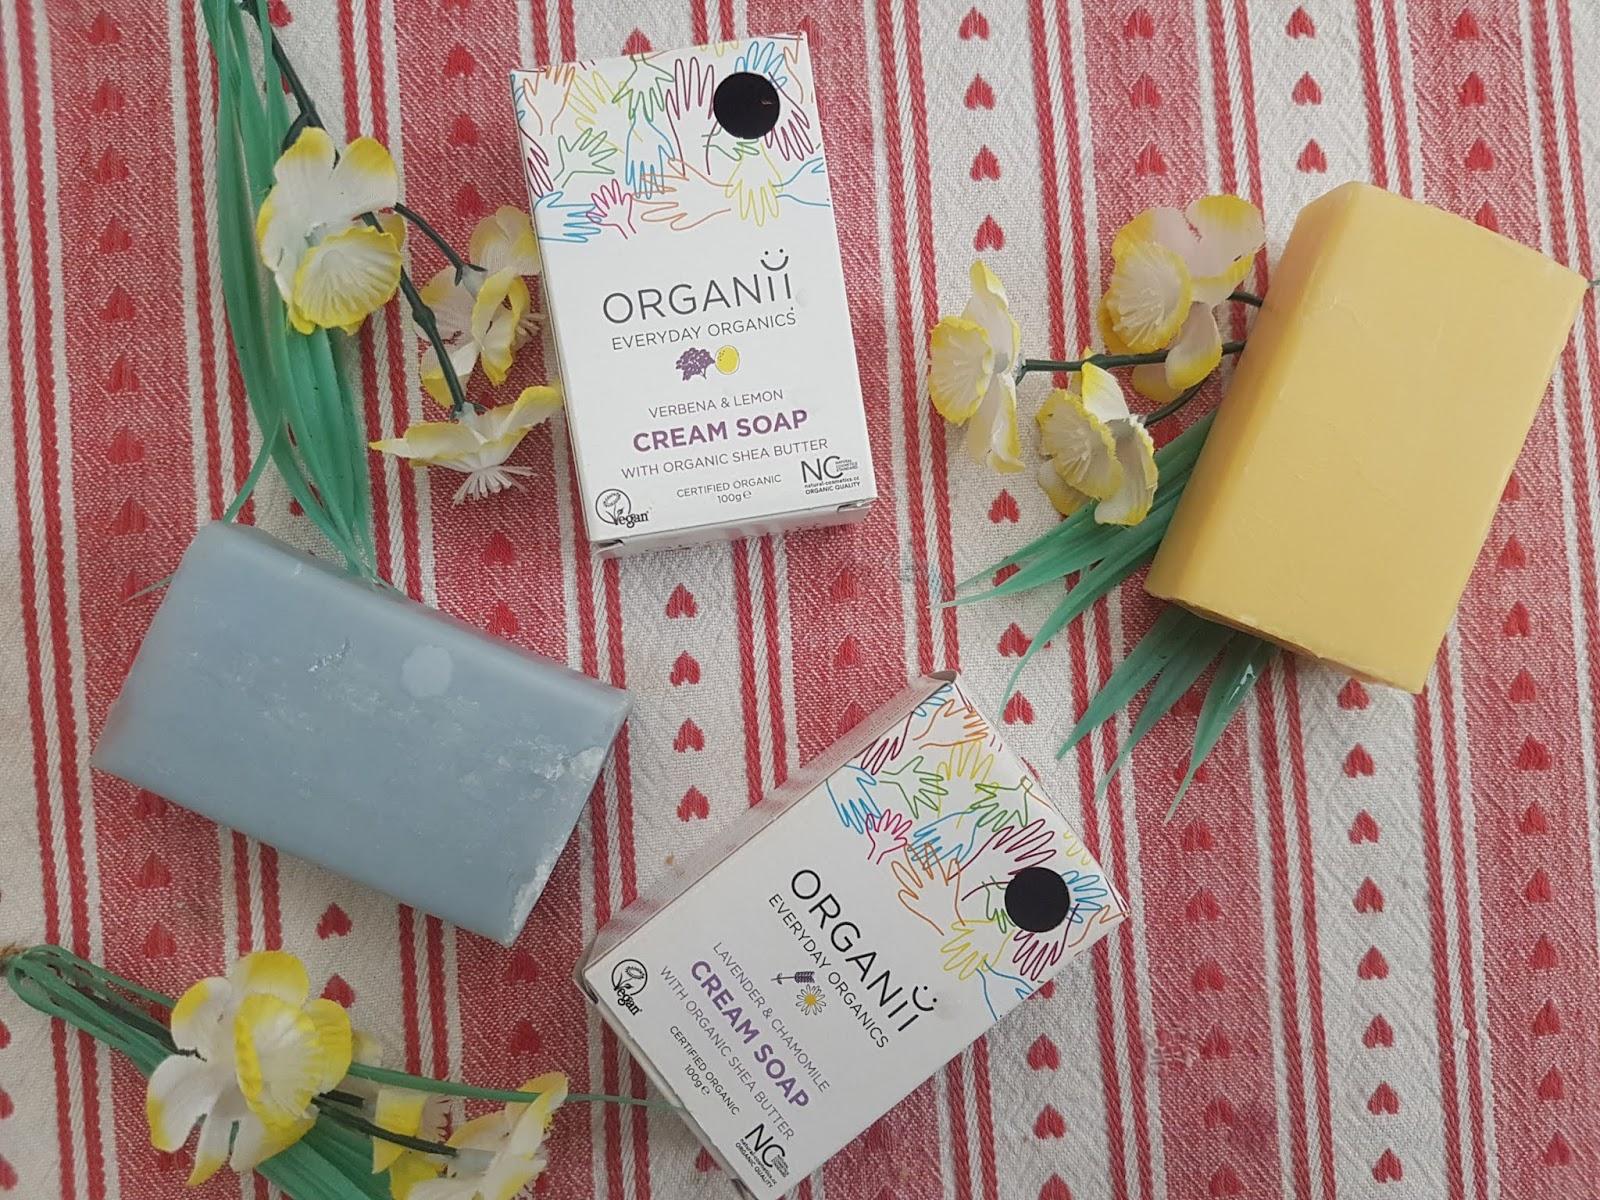 Organii Cream Soap Review